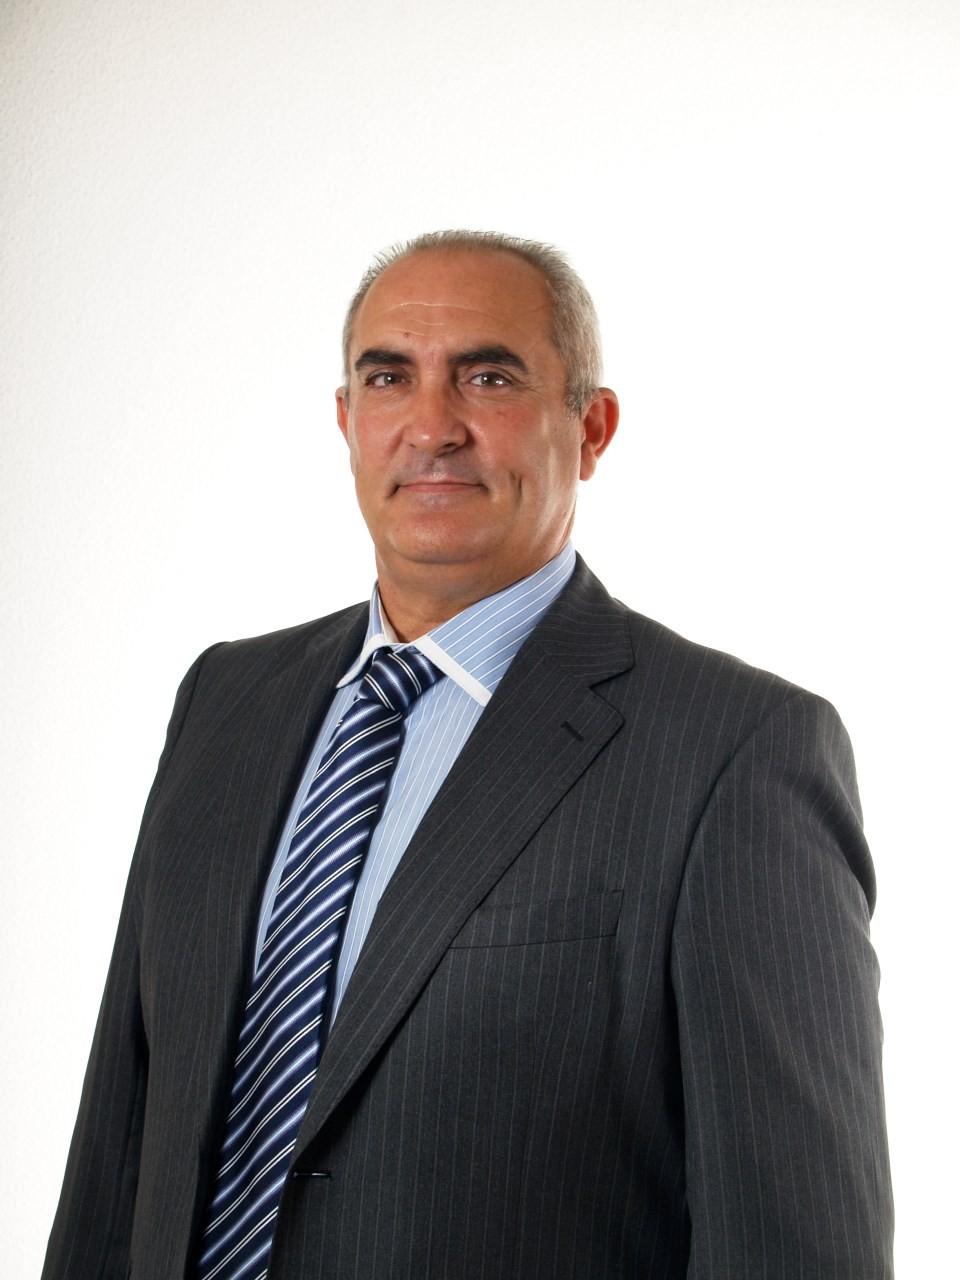 José Manuel Nuñez Crespo